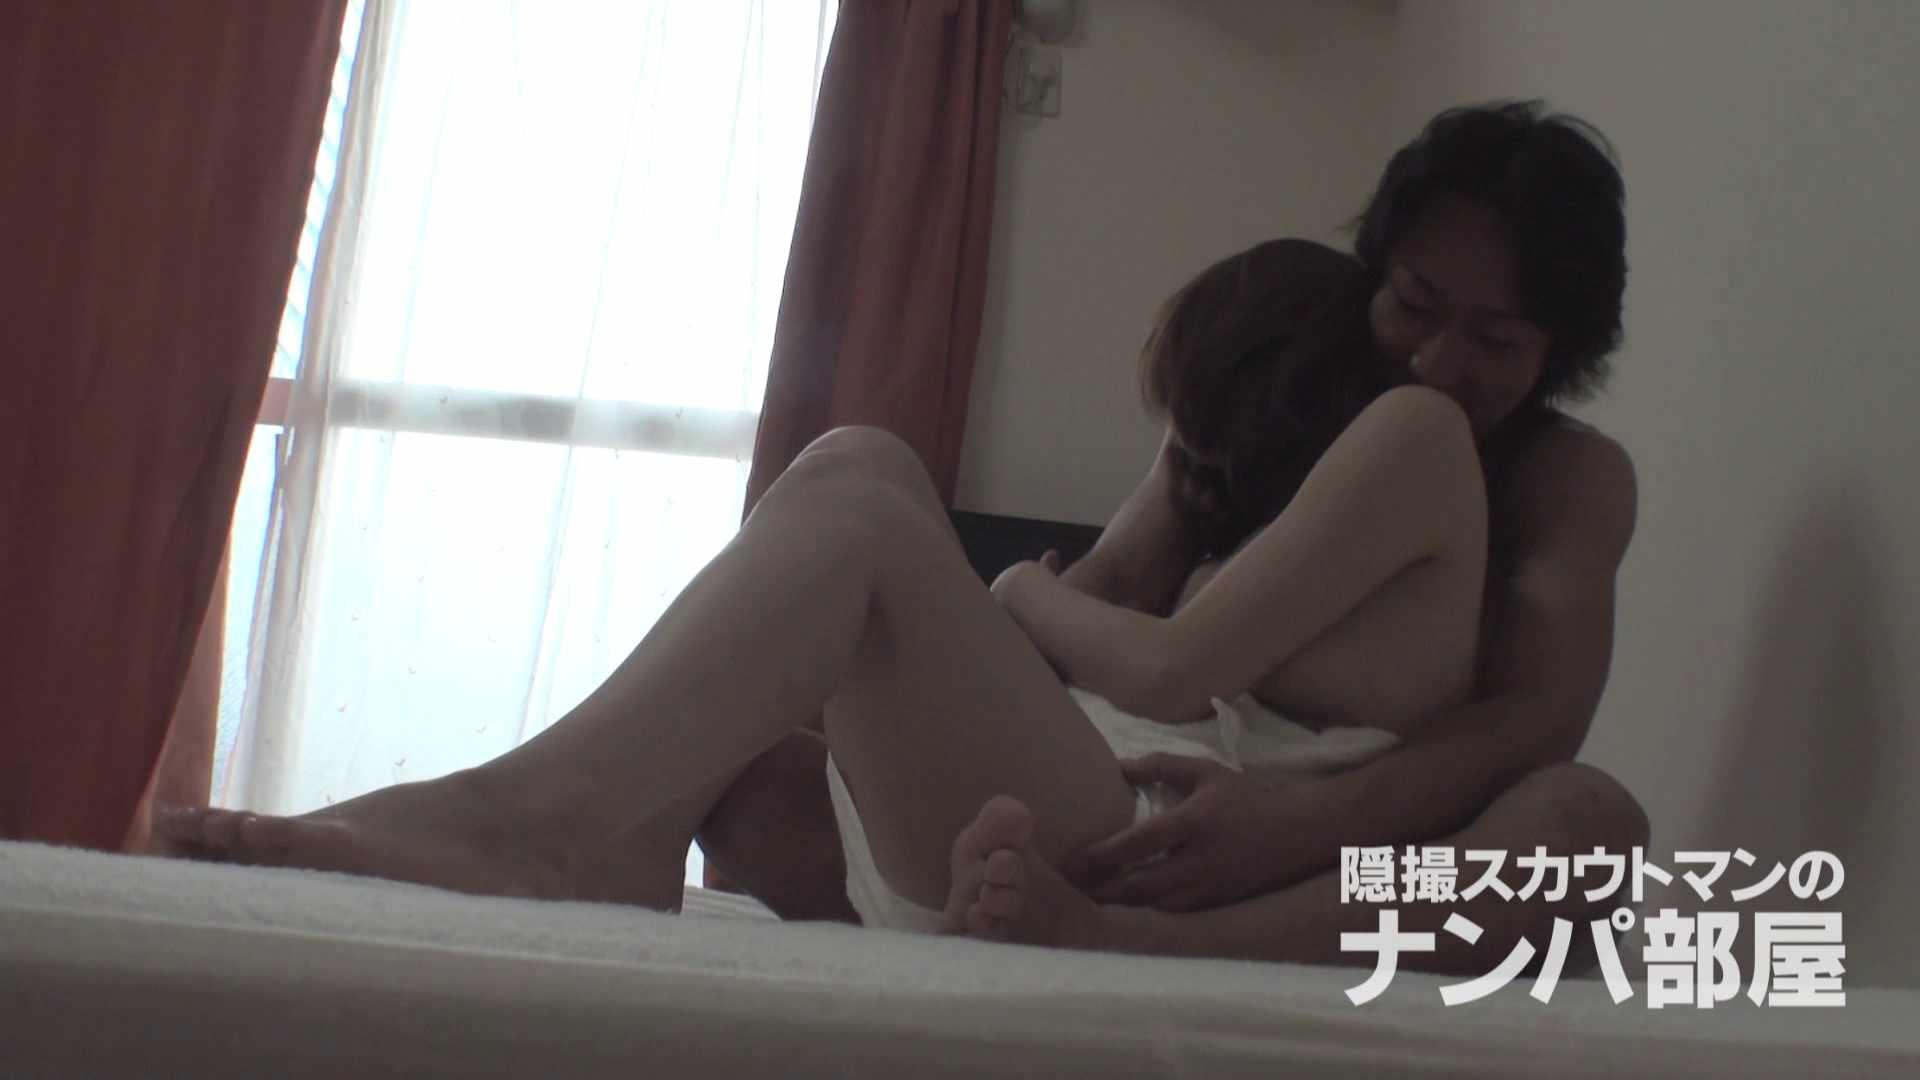 隠撮スカウトマンのナンパ部屋~風俗デビュー前のつまみ食い~ sii 隠撮 | 脱衣所  94pic 73